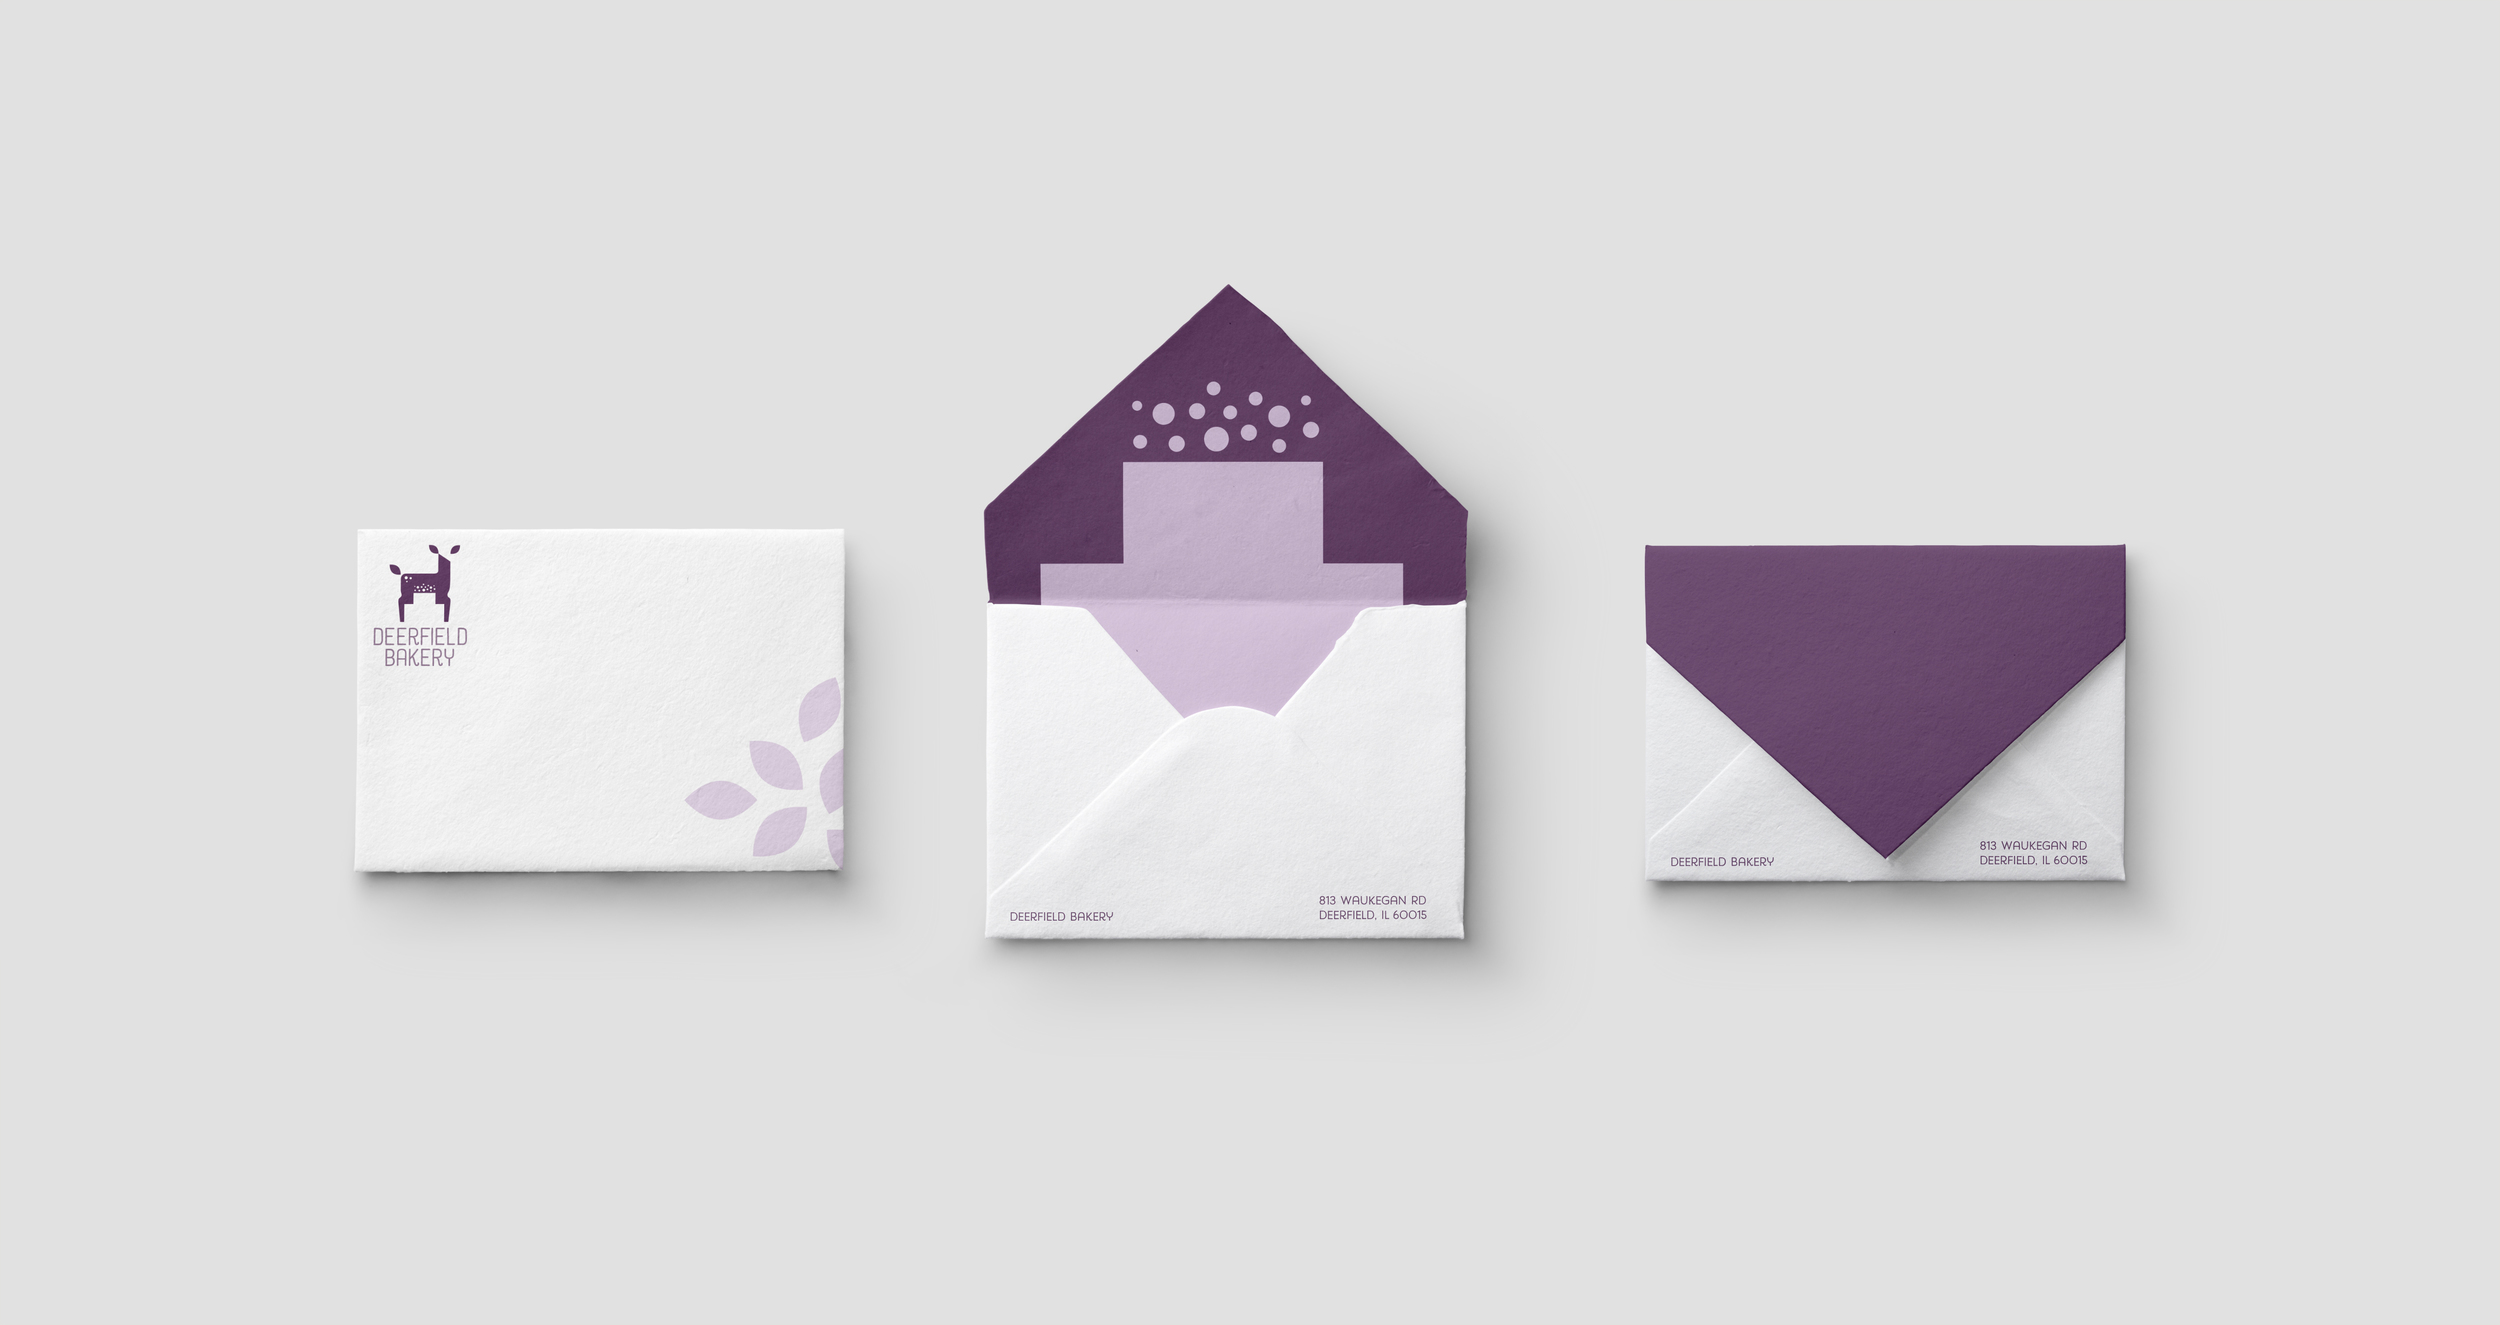 deerfieldenvelopes.jpg